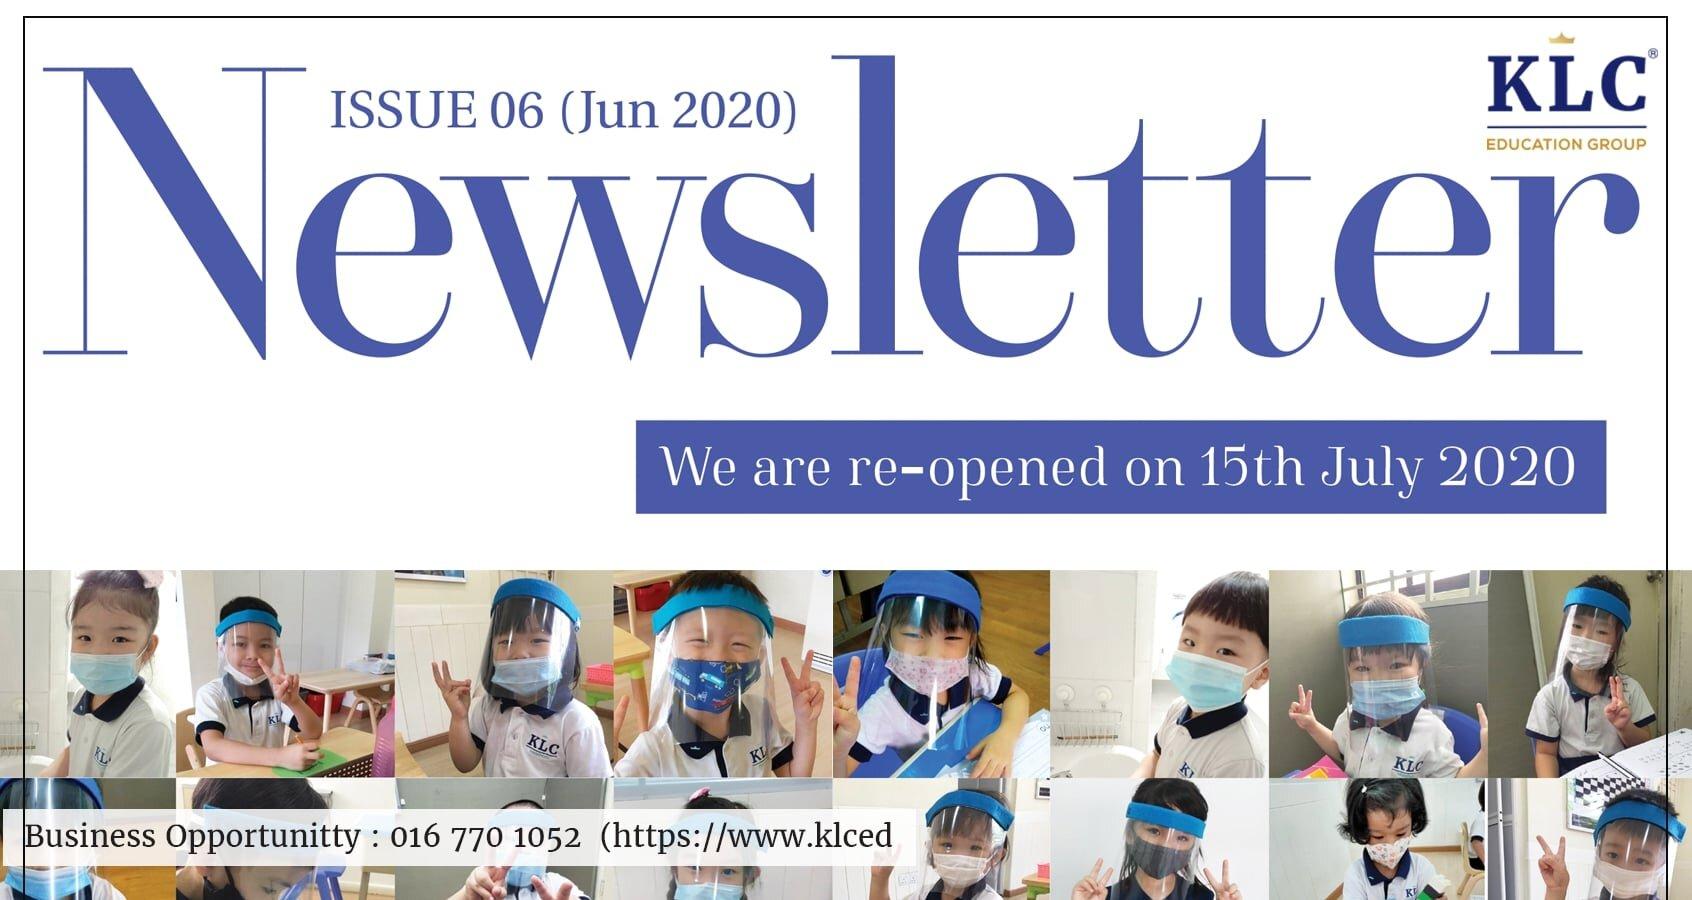 KLC Newsletter June 2020